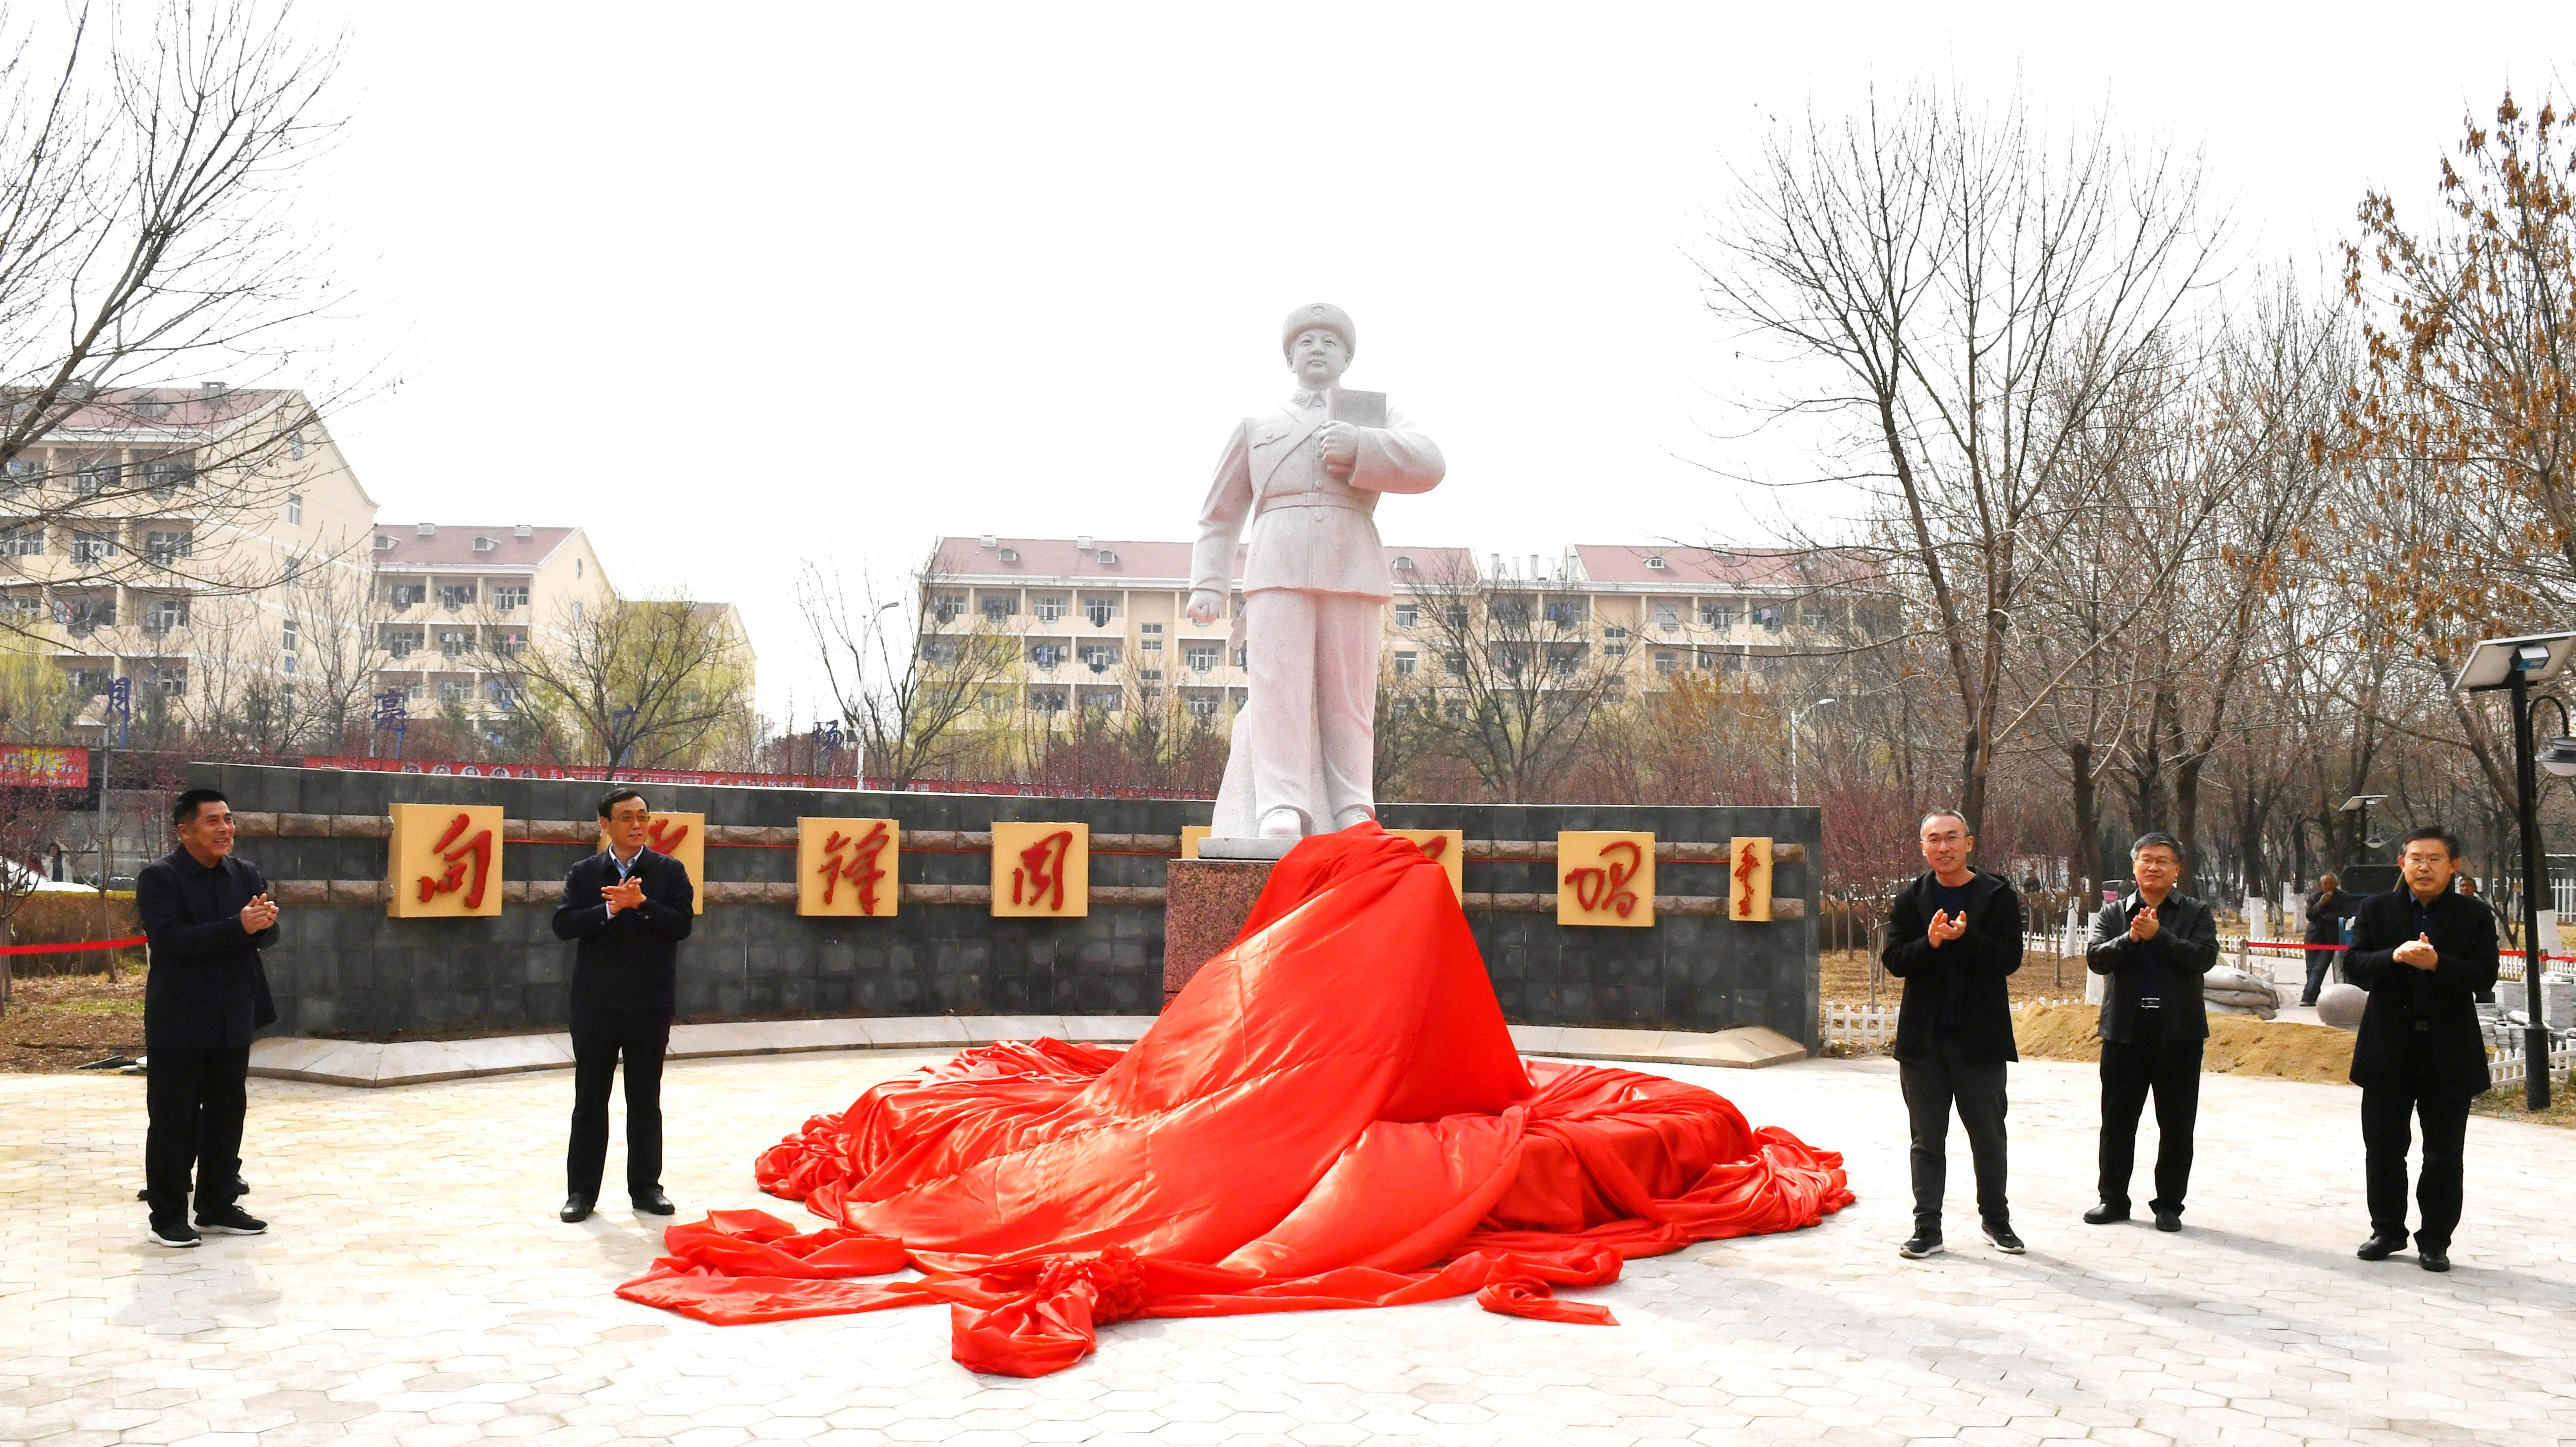 滨州学院举行雷锋雕像揭幕暨2021年学雷锋志愿服务活动月启动仪式